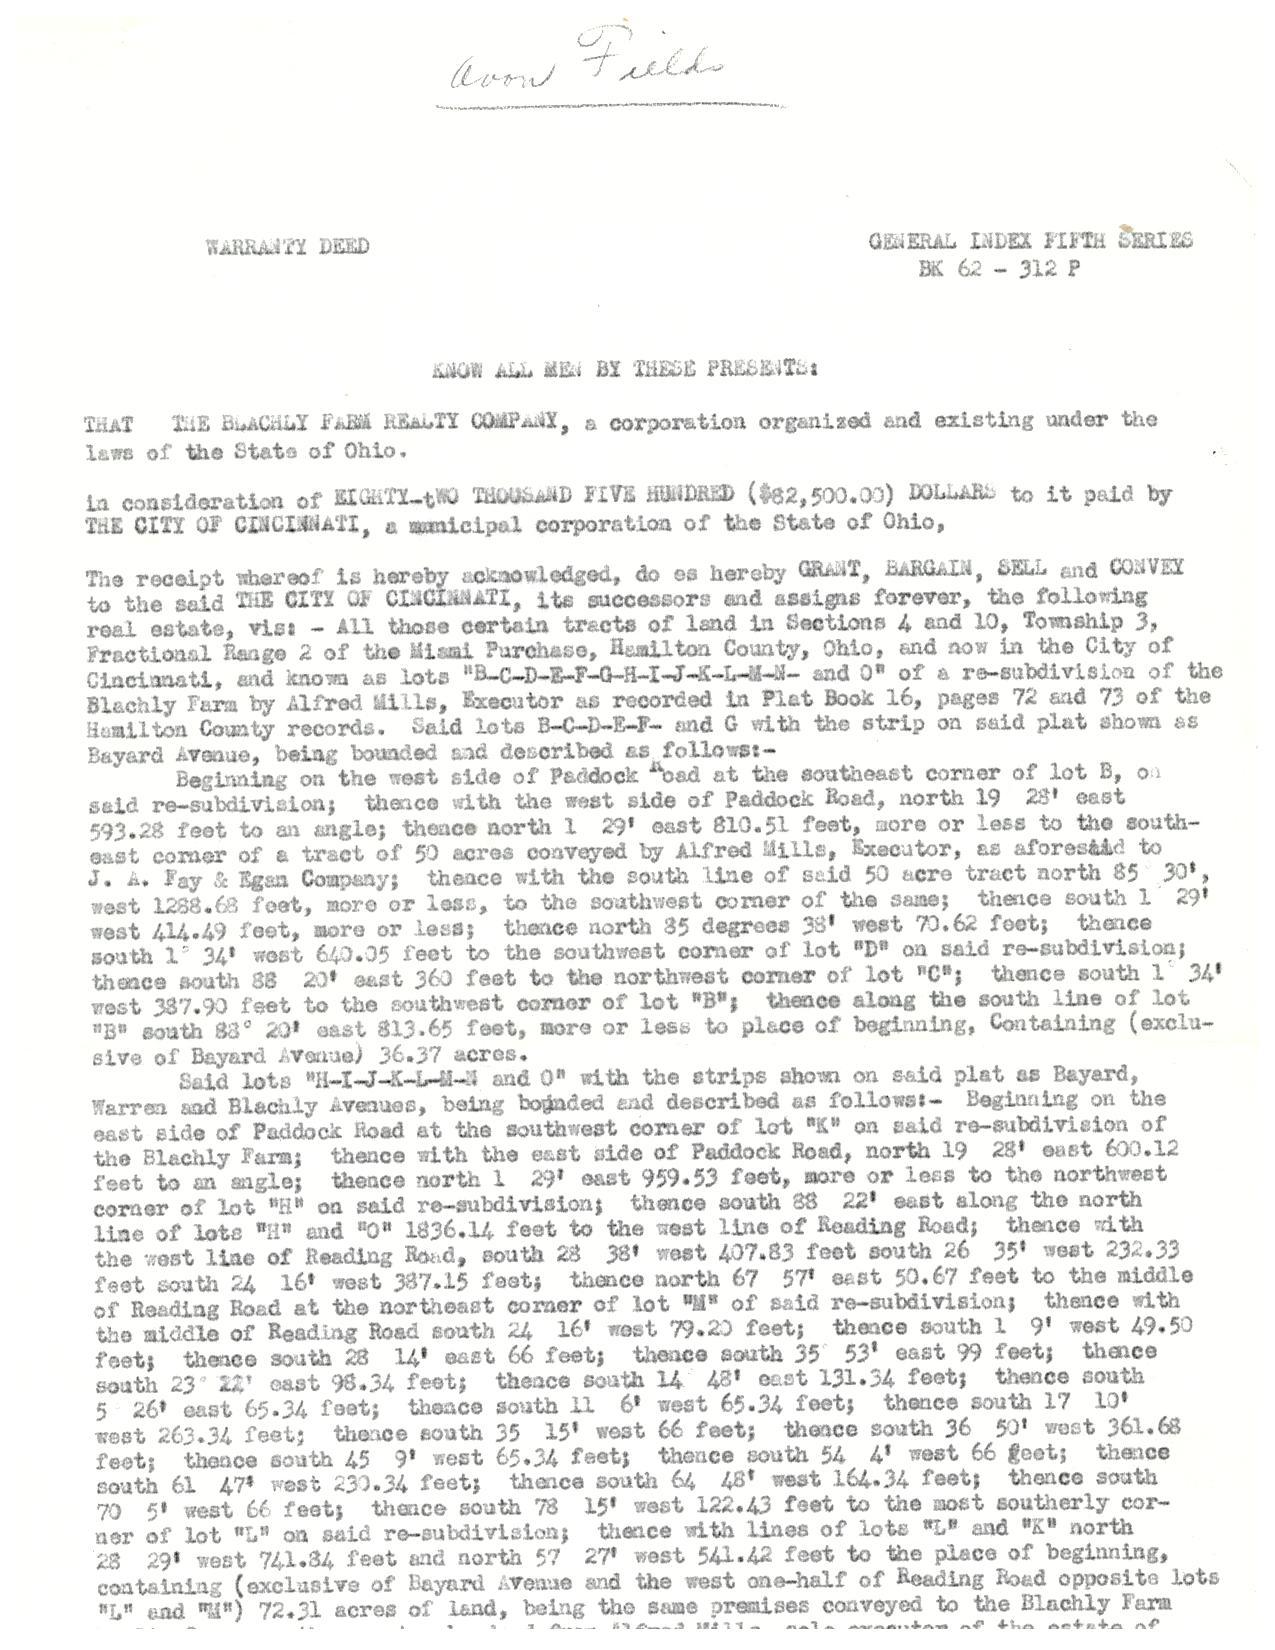 Avon Field deed page 1